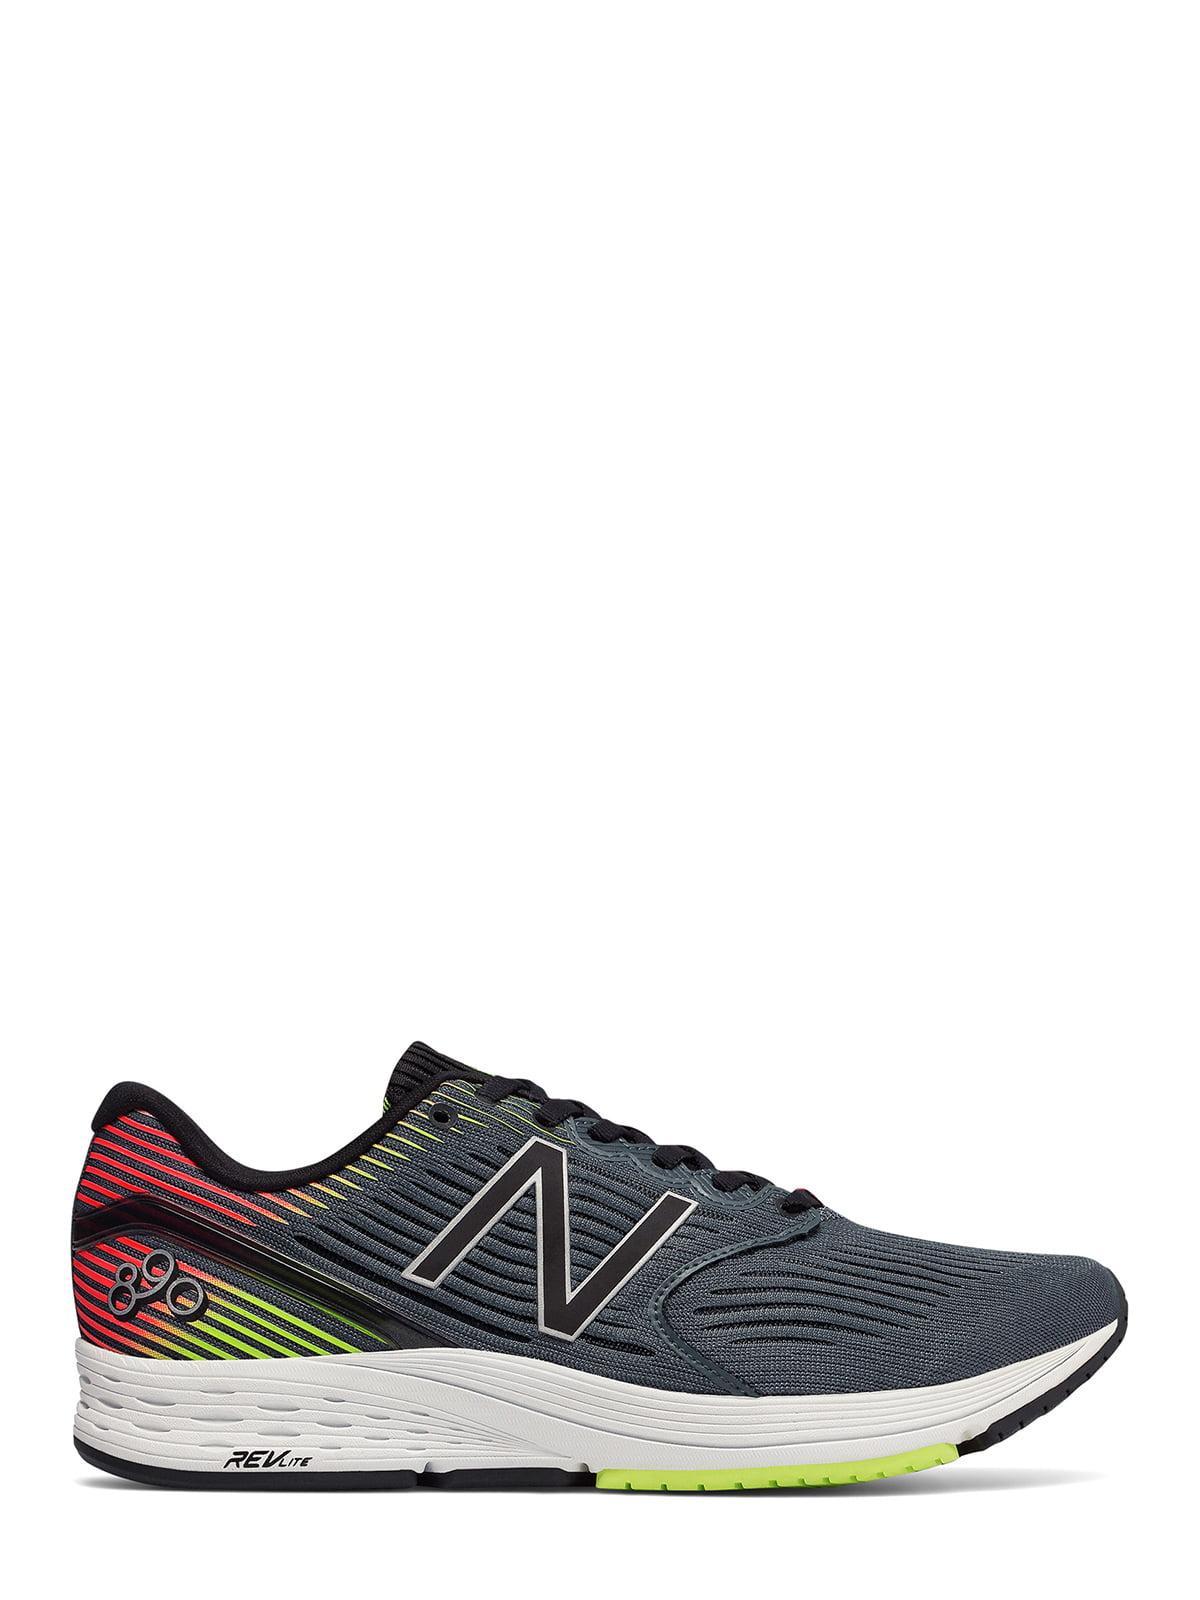 Кросівки сірі New Balance 890v6 | 4579038